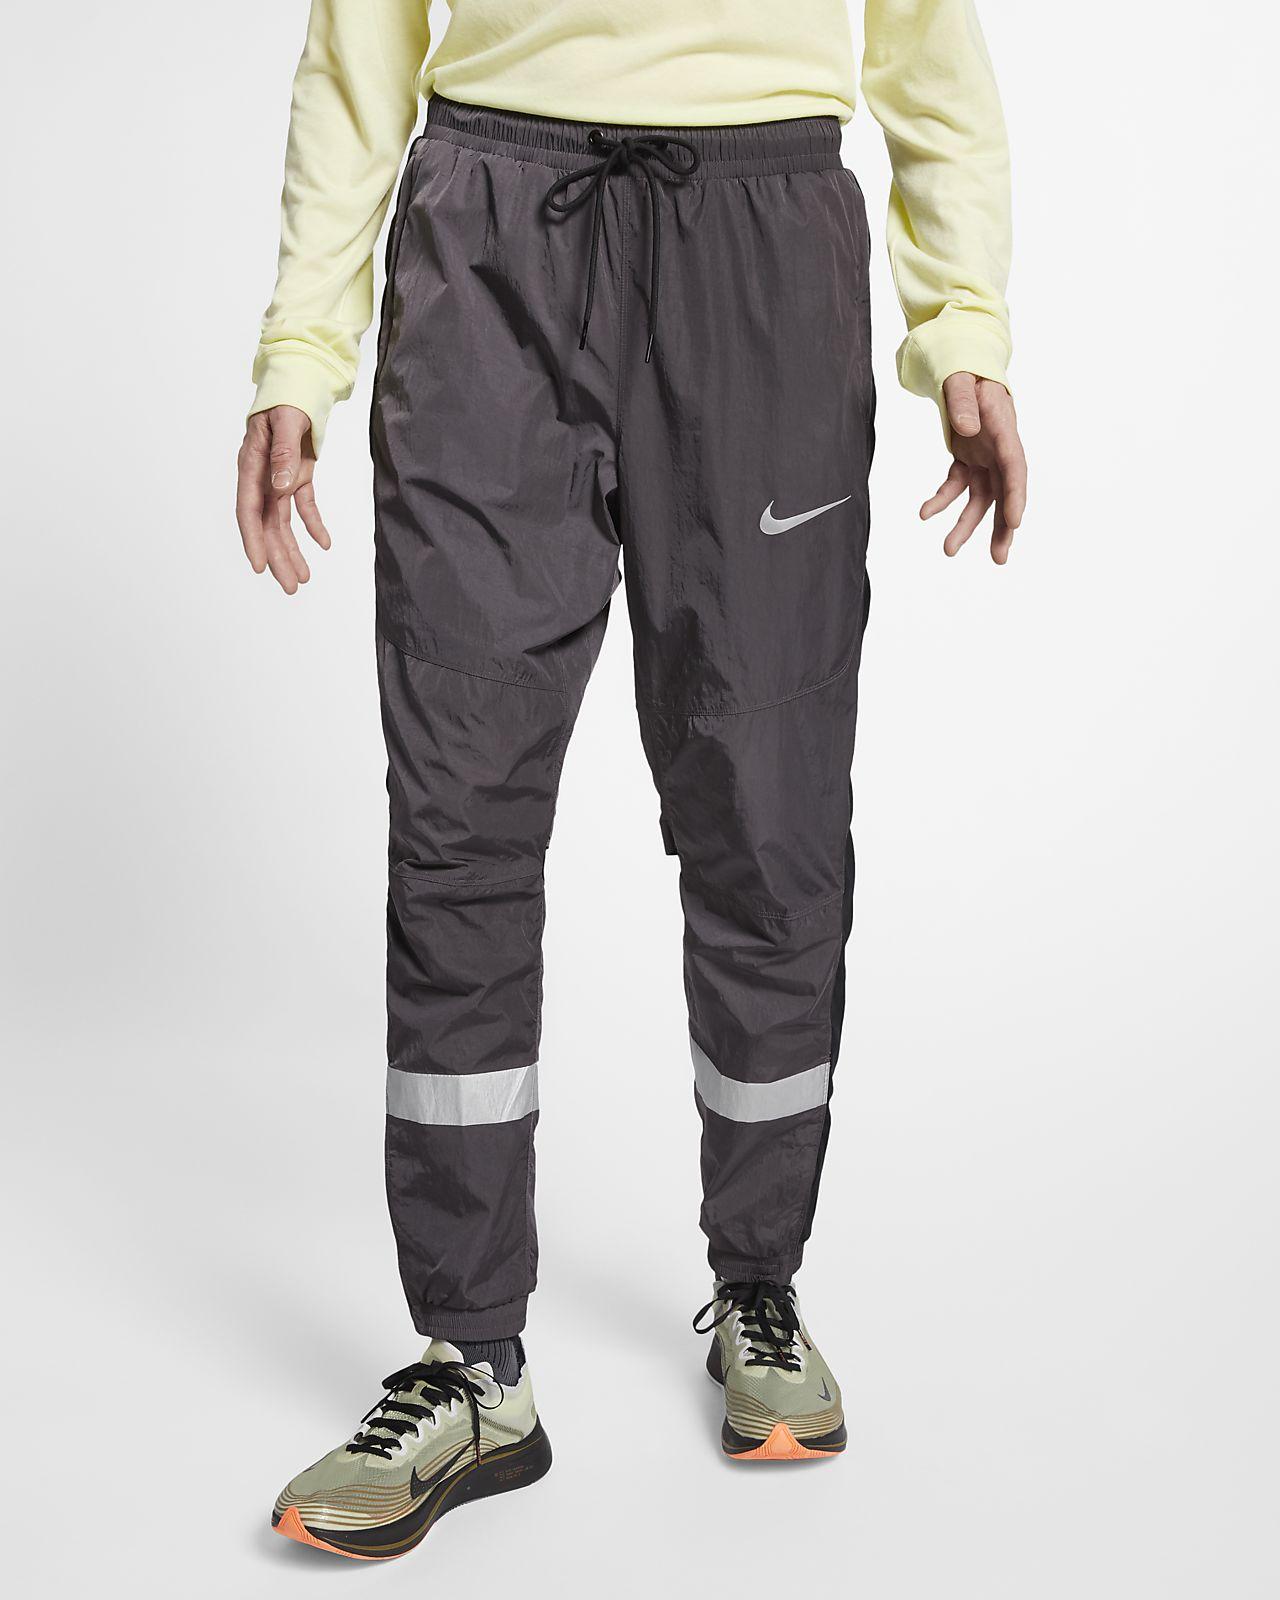 c3e23595a5759 Low Resolution Pánské běžecké atletické kalhoty Nike Pánské běžecké  atletické kalhoty Nike